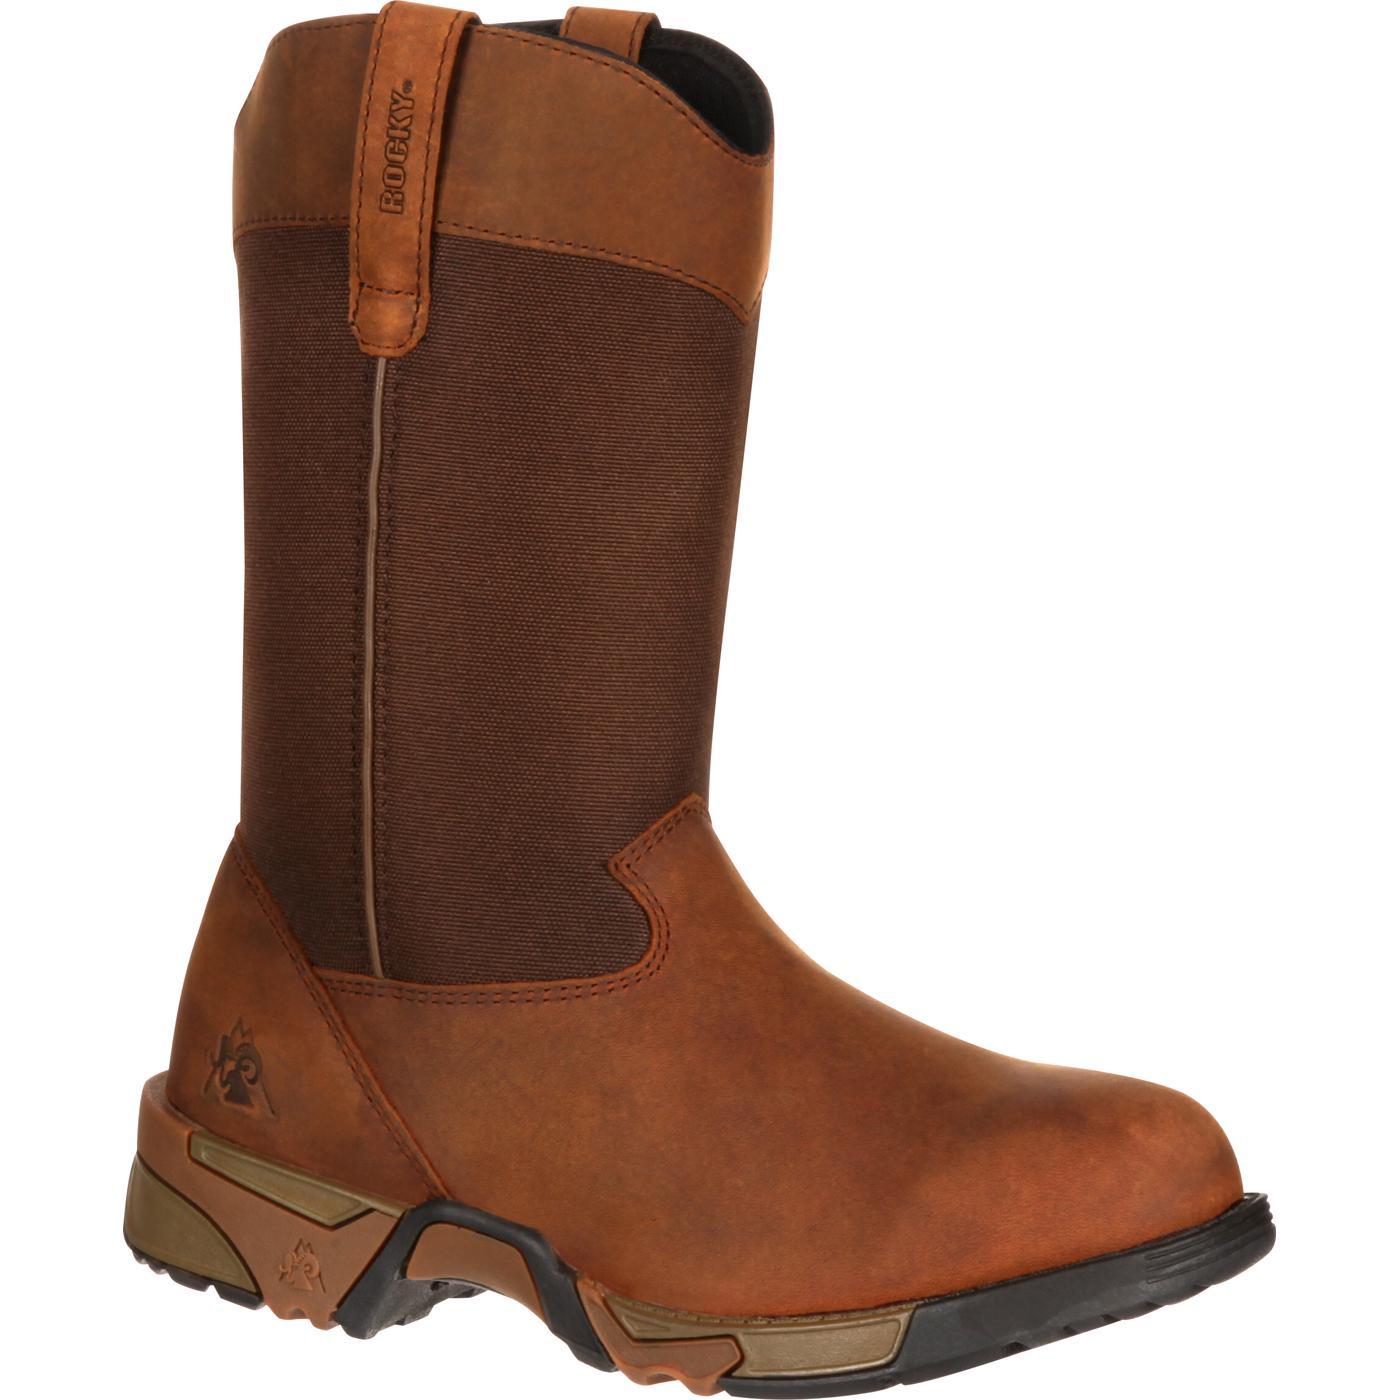 6030edfdbb7 Rocky Aztec Women's Steel Toe Pull-on Boot